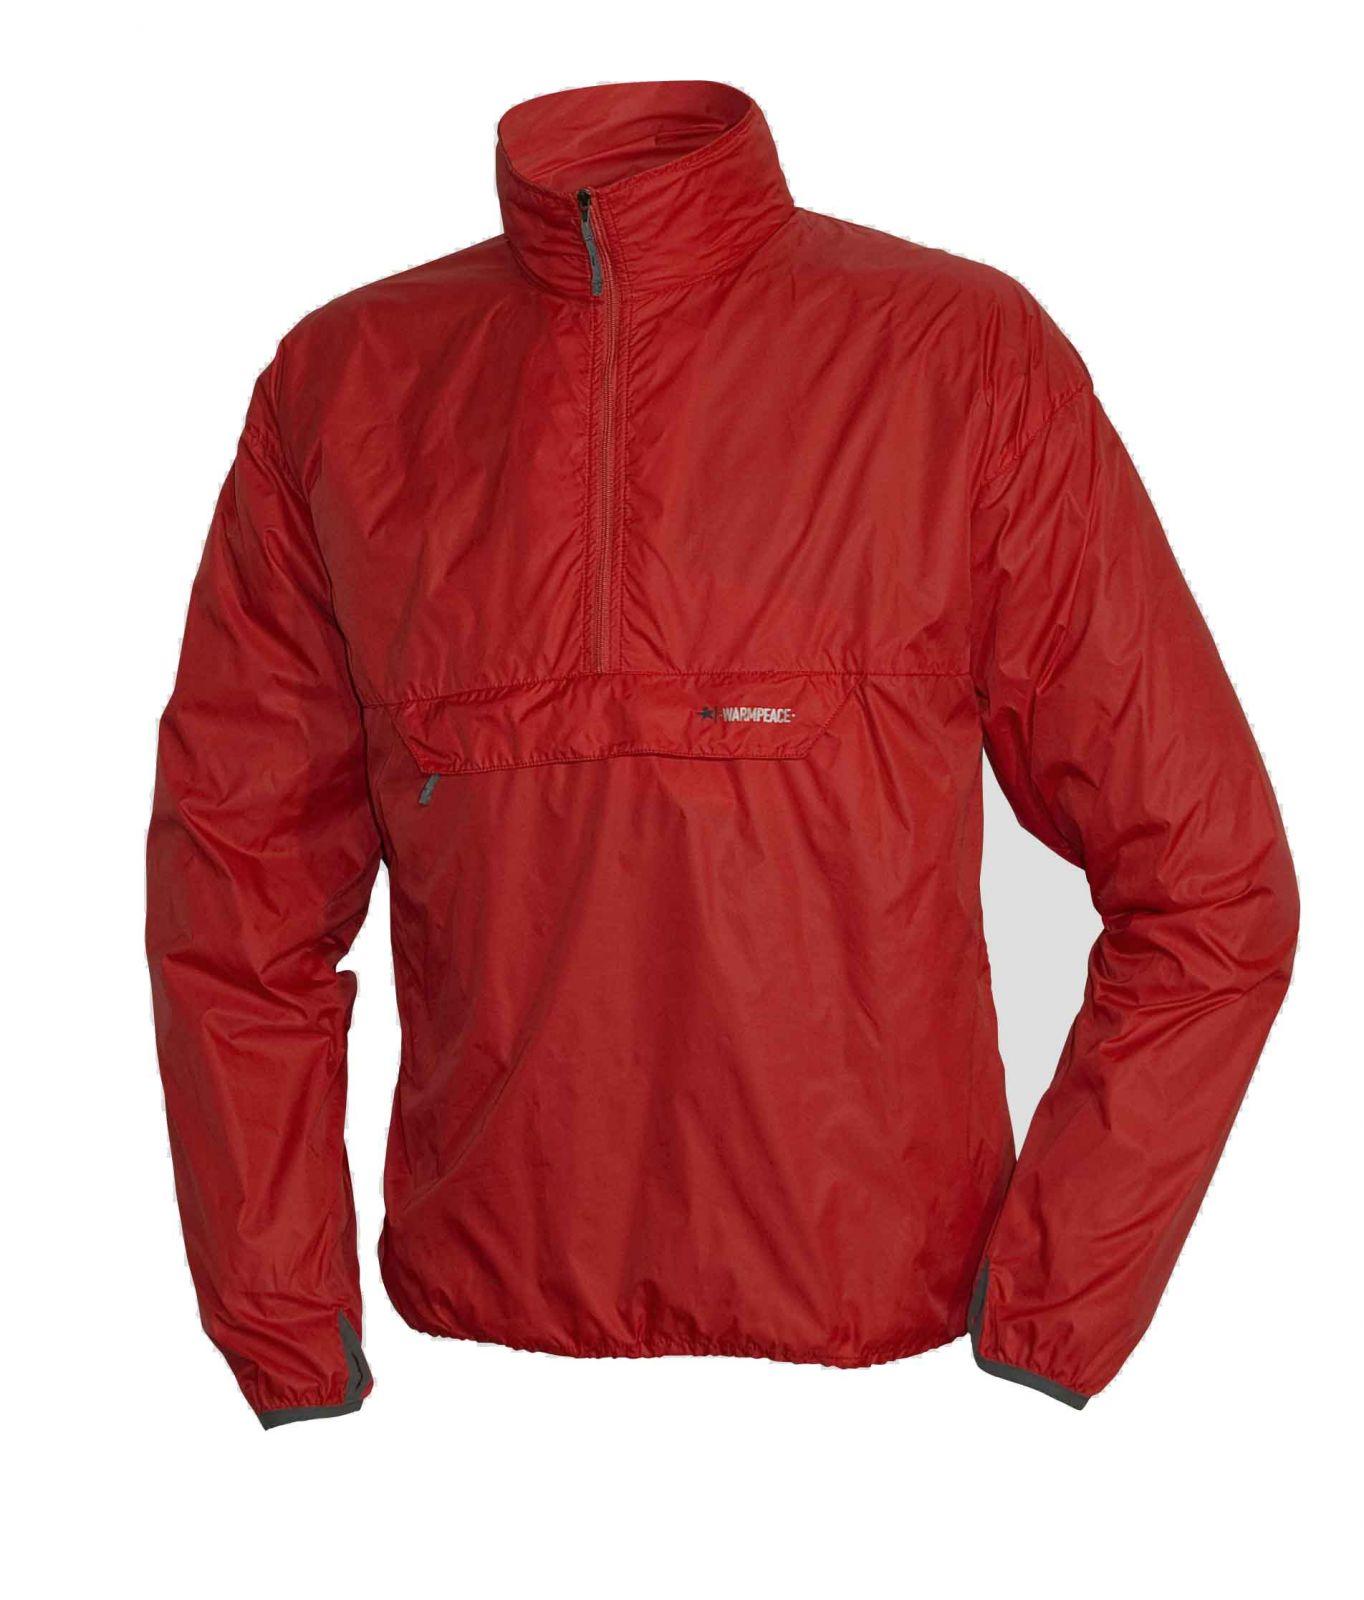 Warmpeace Escape redwood Ultralehká bunda přes hlavu Unisex